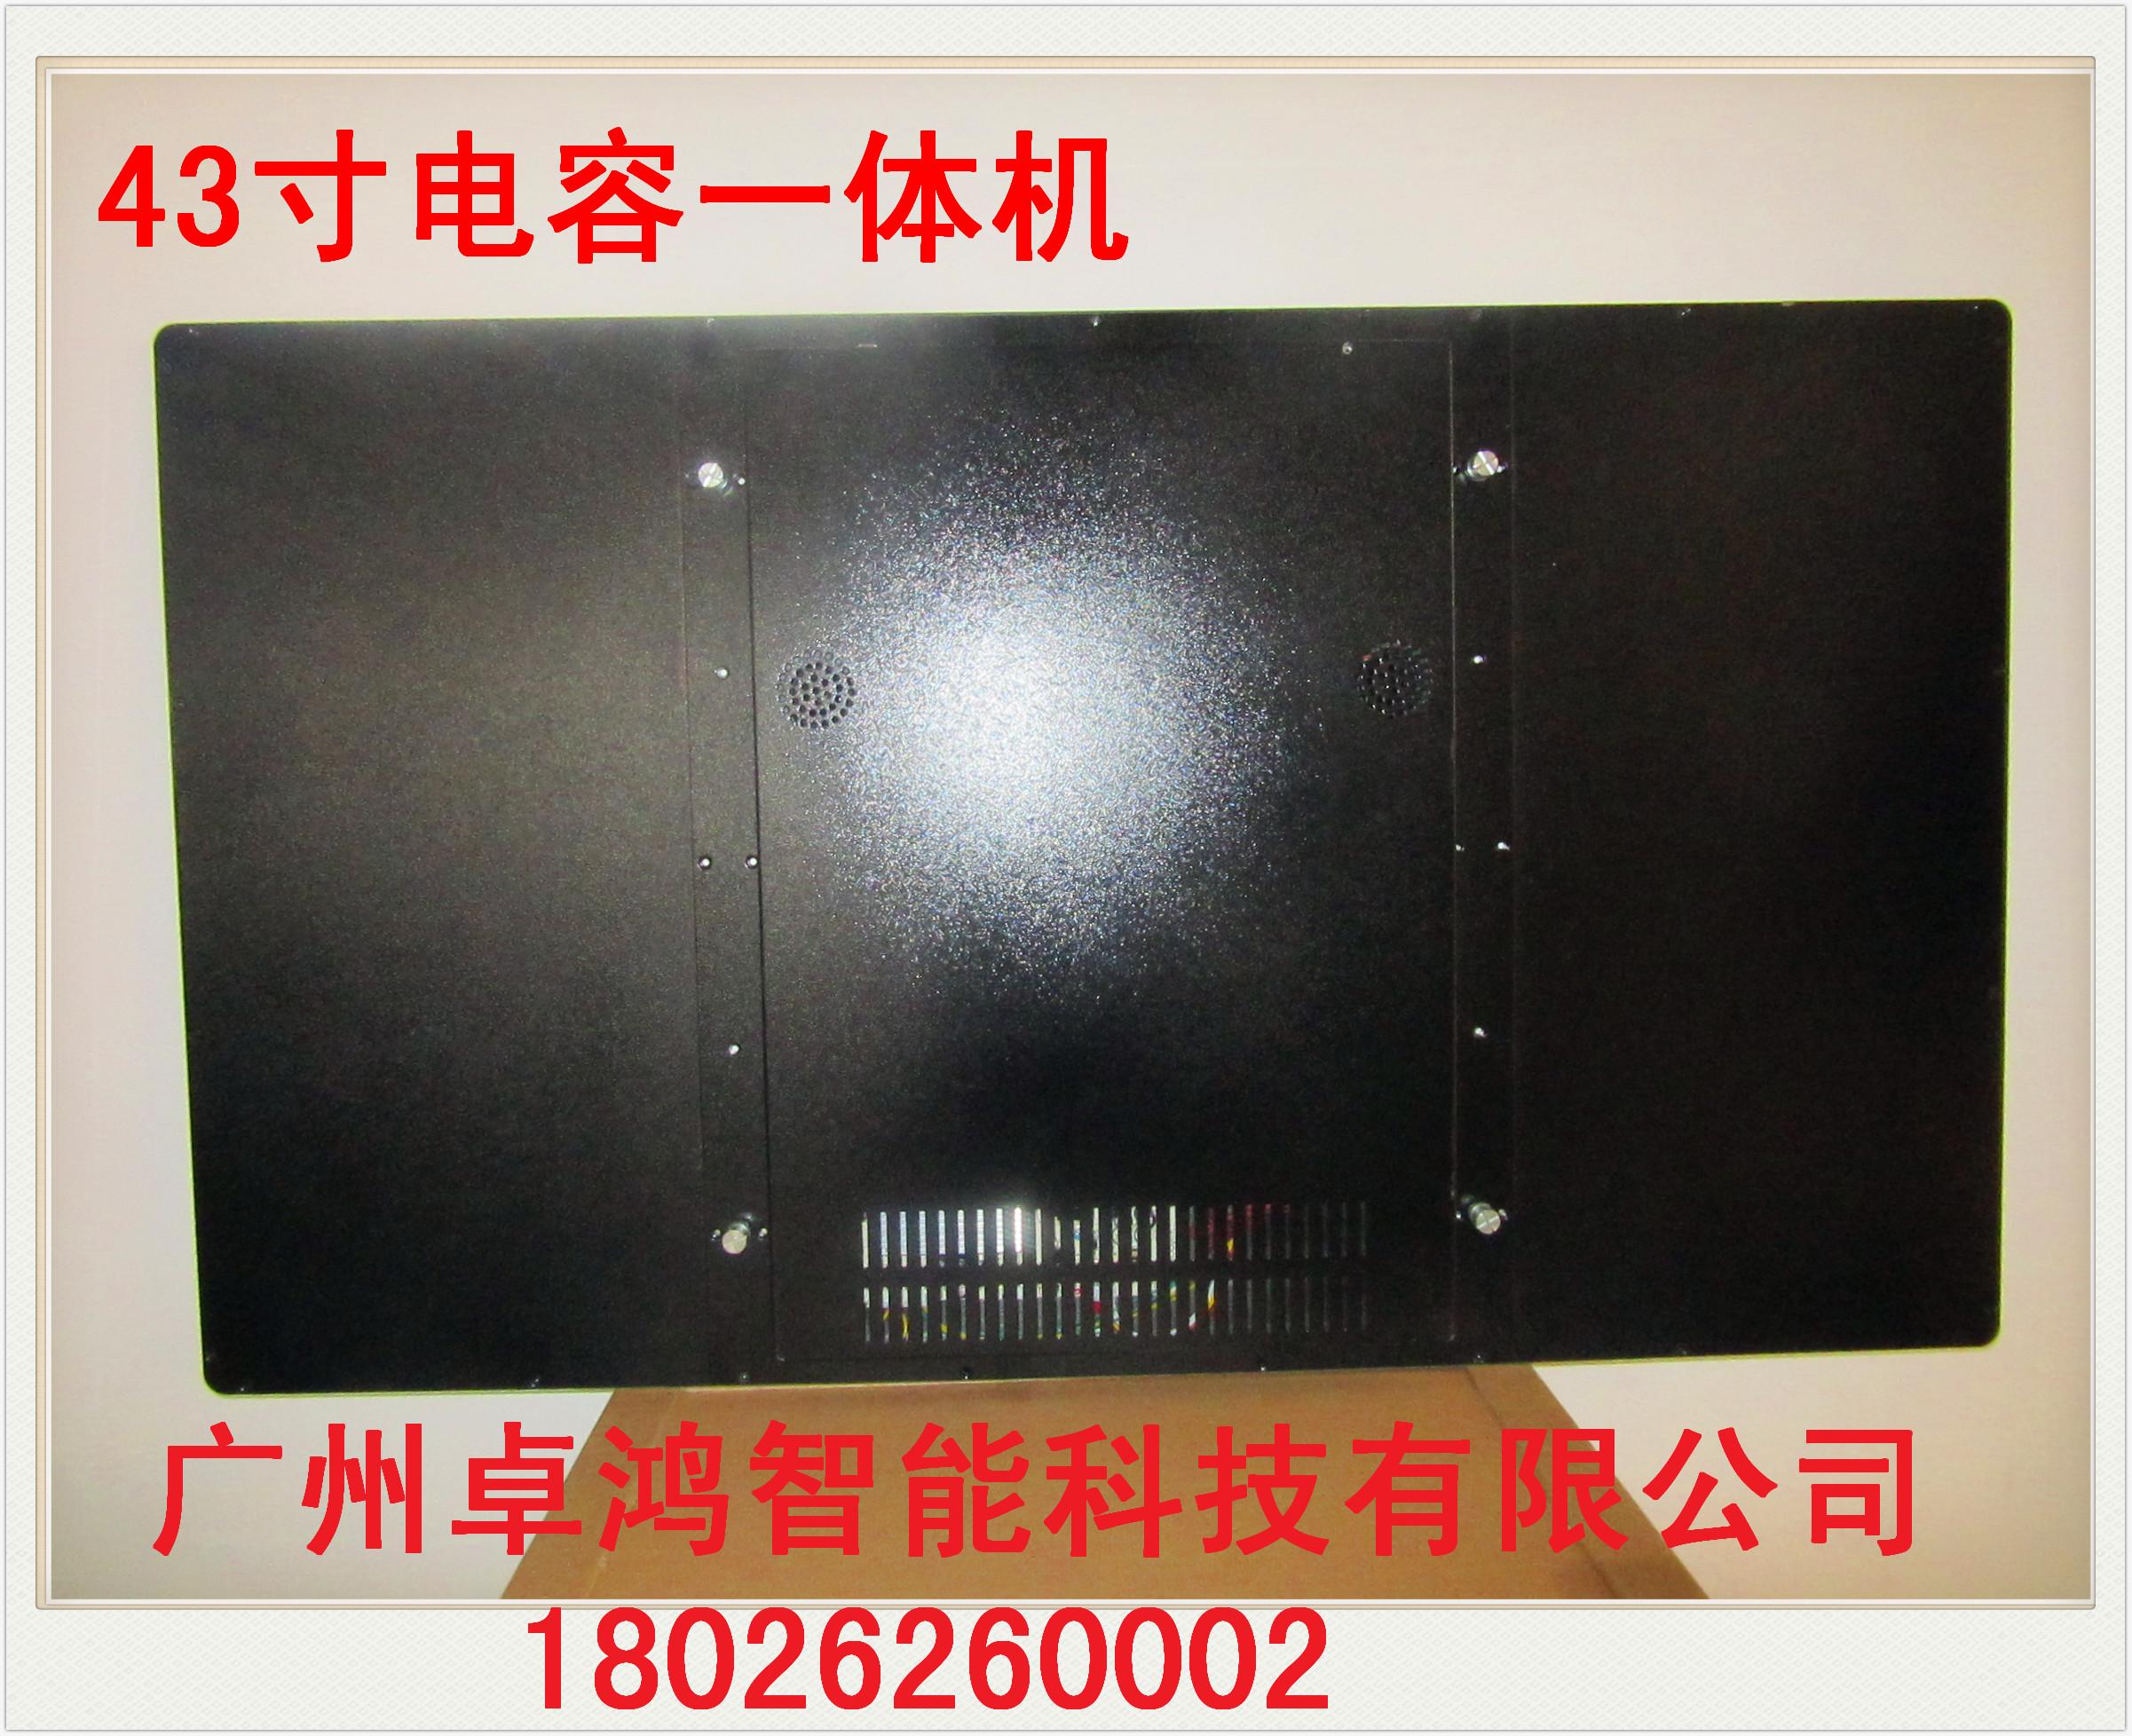 电容屏触控一体机|车载电容式触摸屏|电容触摸屏生产厂家|电容触摸屏厂家